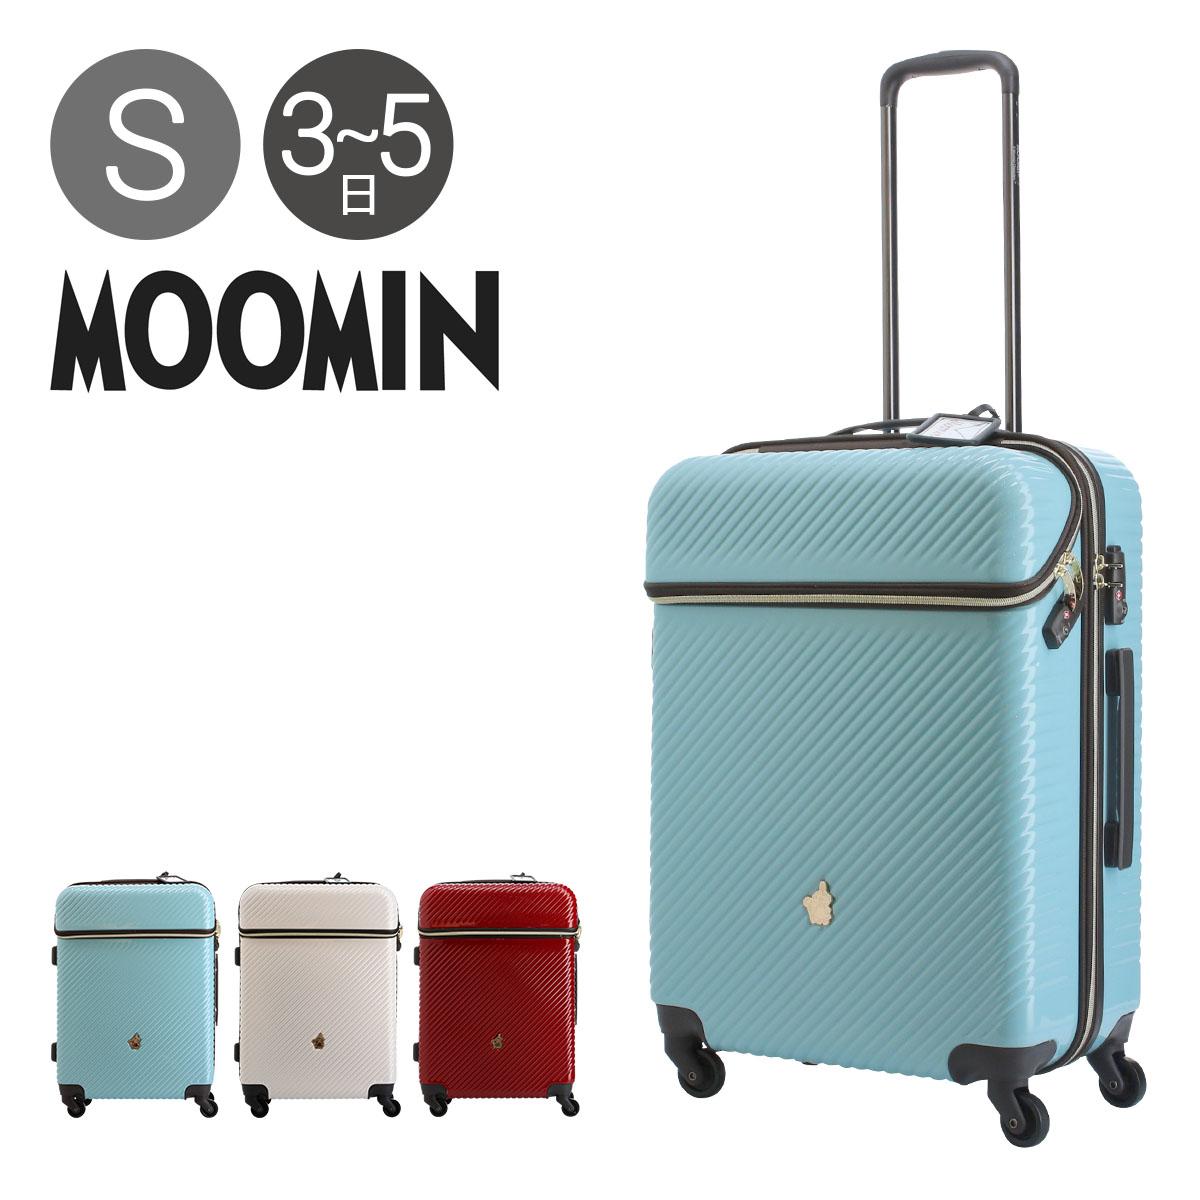 ムーミン スーツケース 当社限定 かわいい 49L 63cm 3.8kg MM2-018 フロントオープン ハード ファスナー MOOMIN  TSAロック搭載 おしゃれ キャラクター キャリーバッグ キャリーケース [PO10][bef]